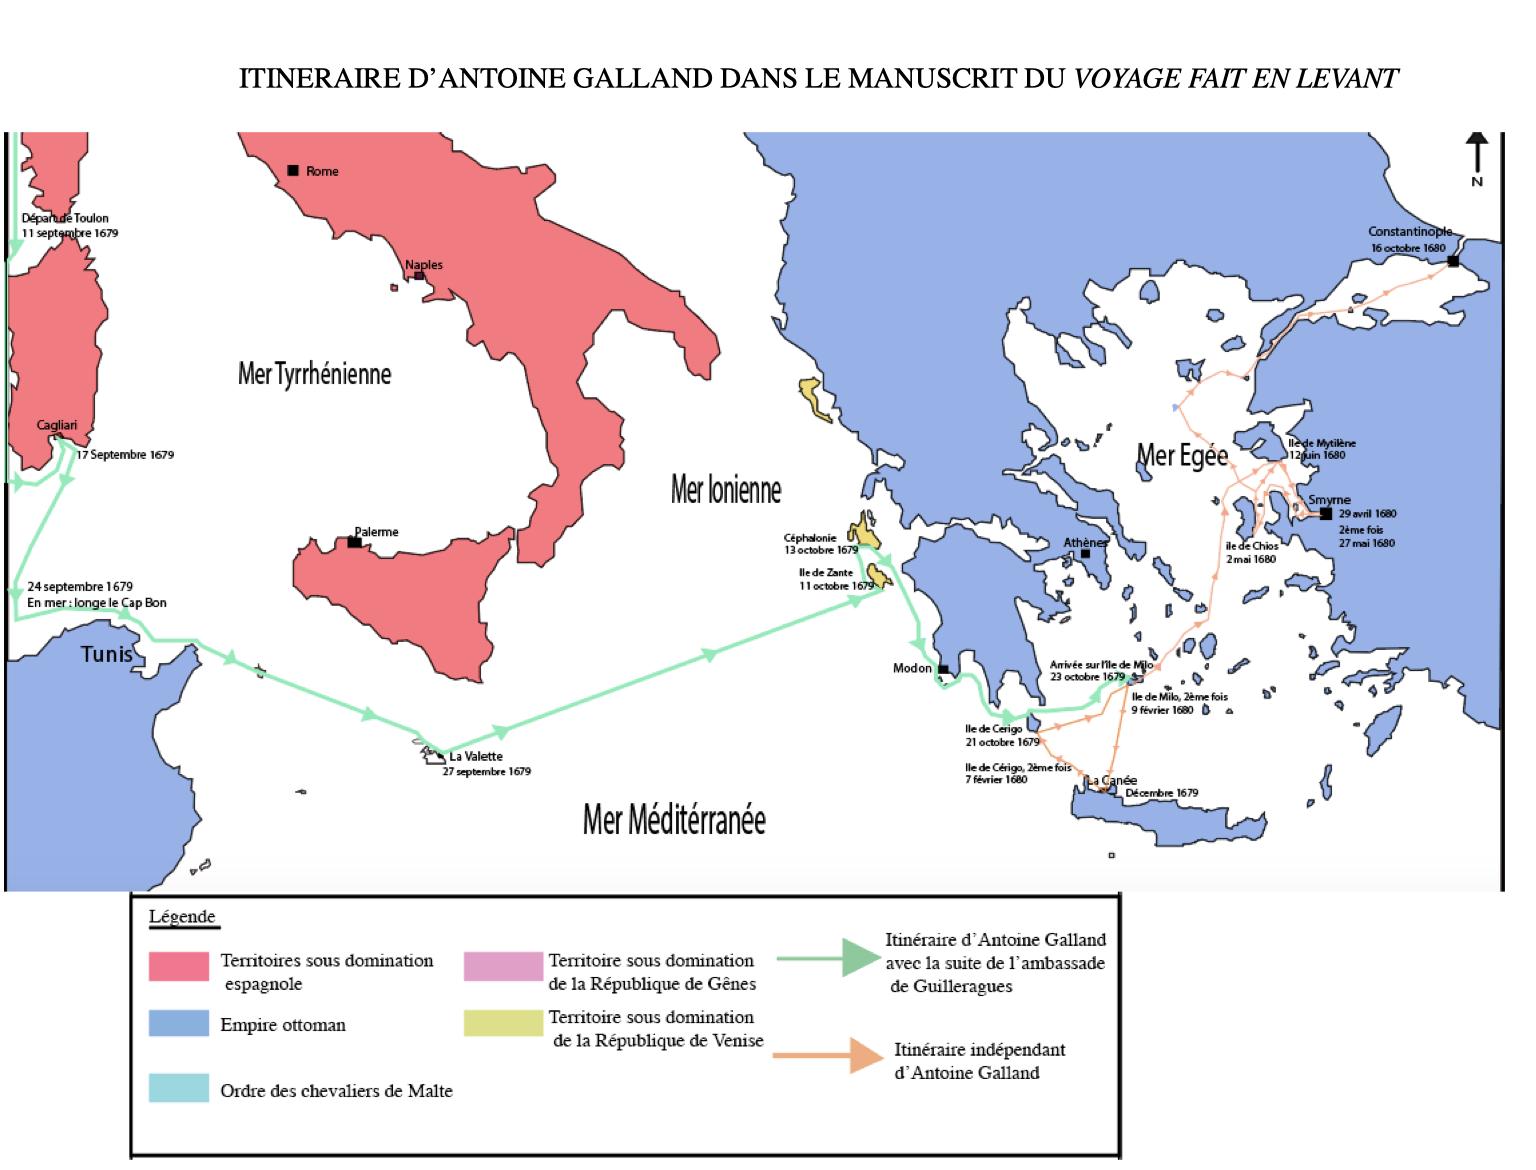 Carte du troisième voyage d'Antoine Galland, réalisée par Sabrina Vincent